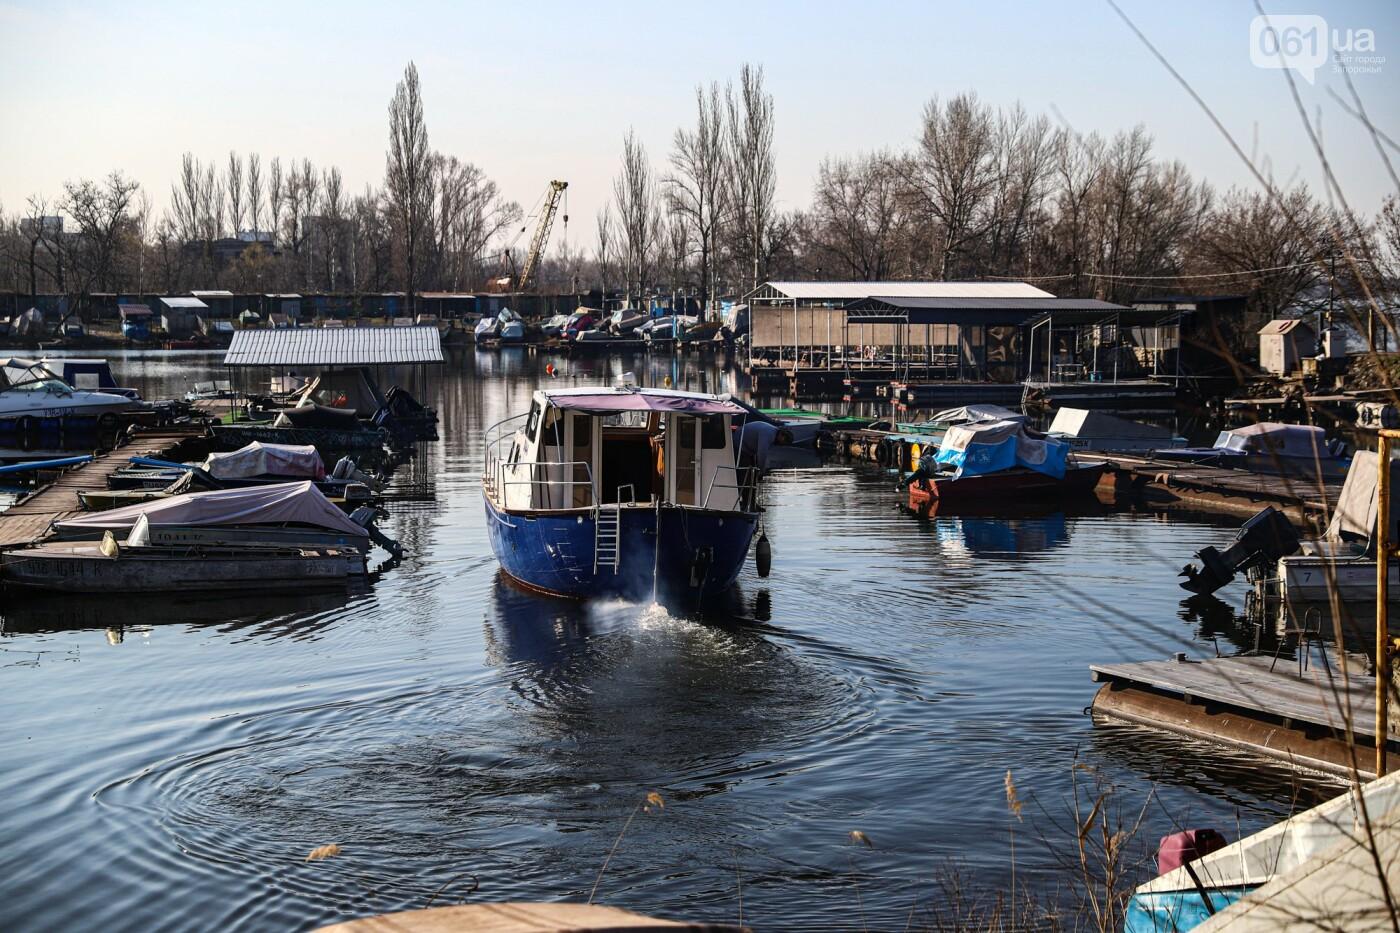 «Семь футов под килем!»: как в запорожском яхт-клубе спускали судна на воду, - ФОТОРЕПОРТАЖ , фото-5